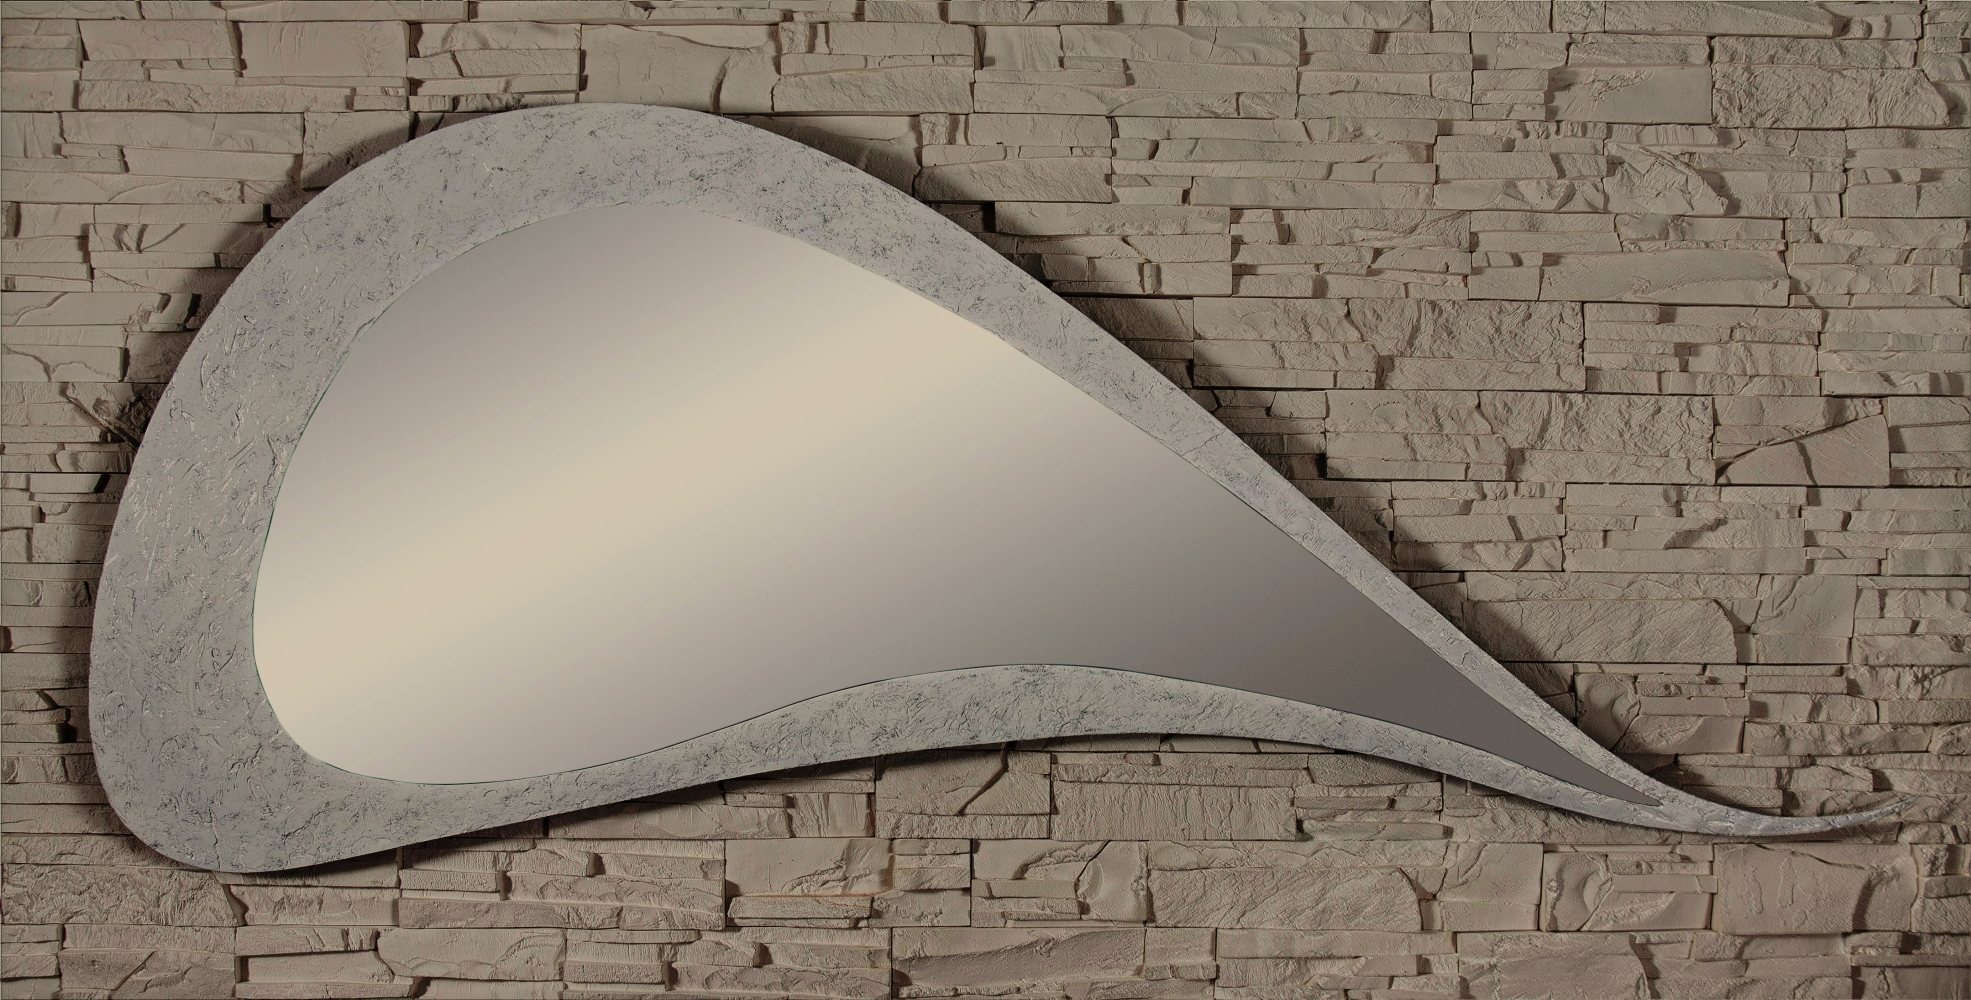 Forme Di Specchi Particolari.Escargot Specchi Da Parete Particolari Design Moderni Di Valore